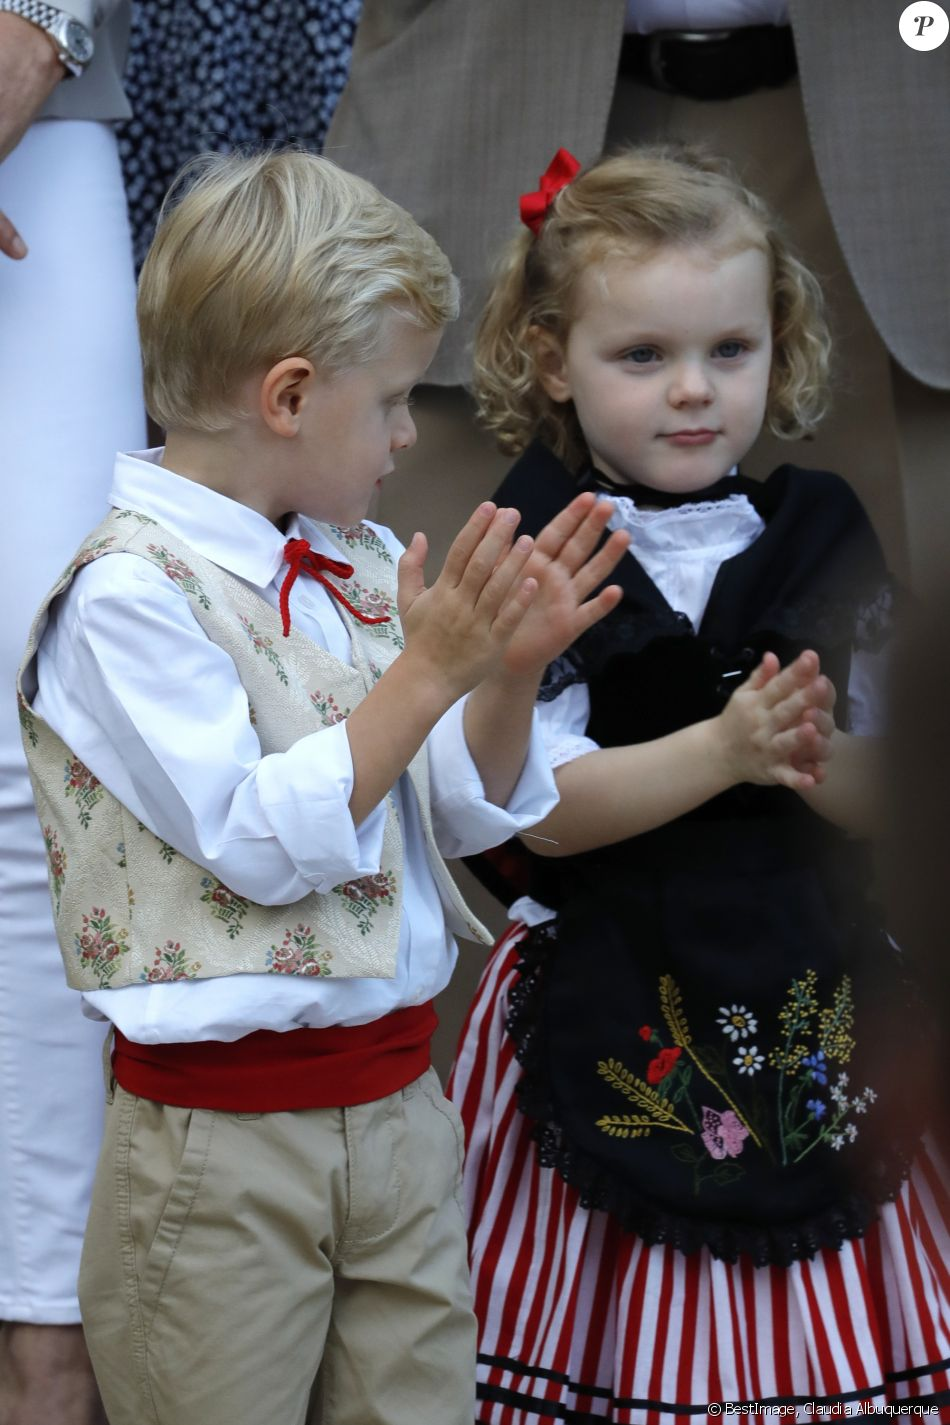 Alberto II y Charlene, Príncipes de Mónaco - Página 11 4280066-le-prince-jacques-de-monaco-et-la-prince-950x0-2